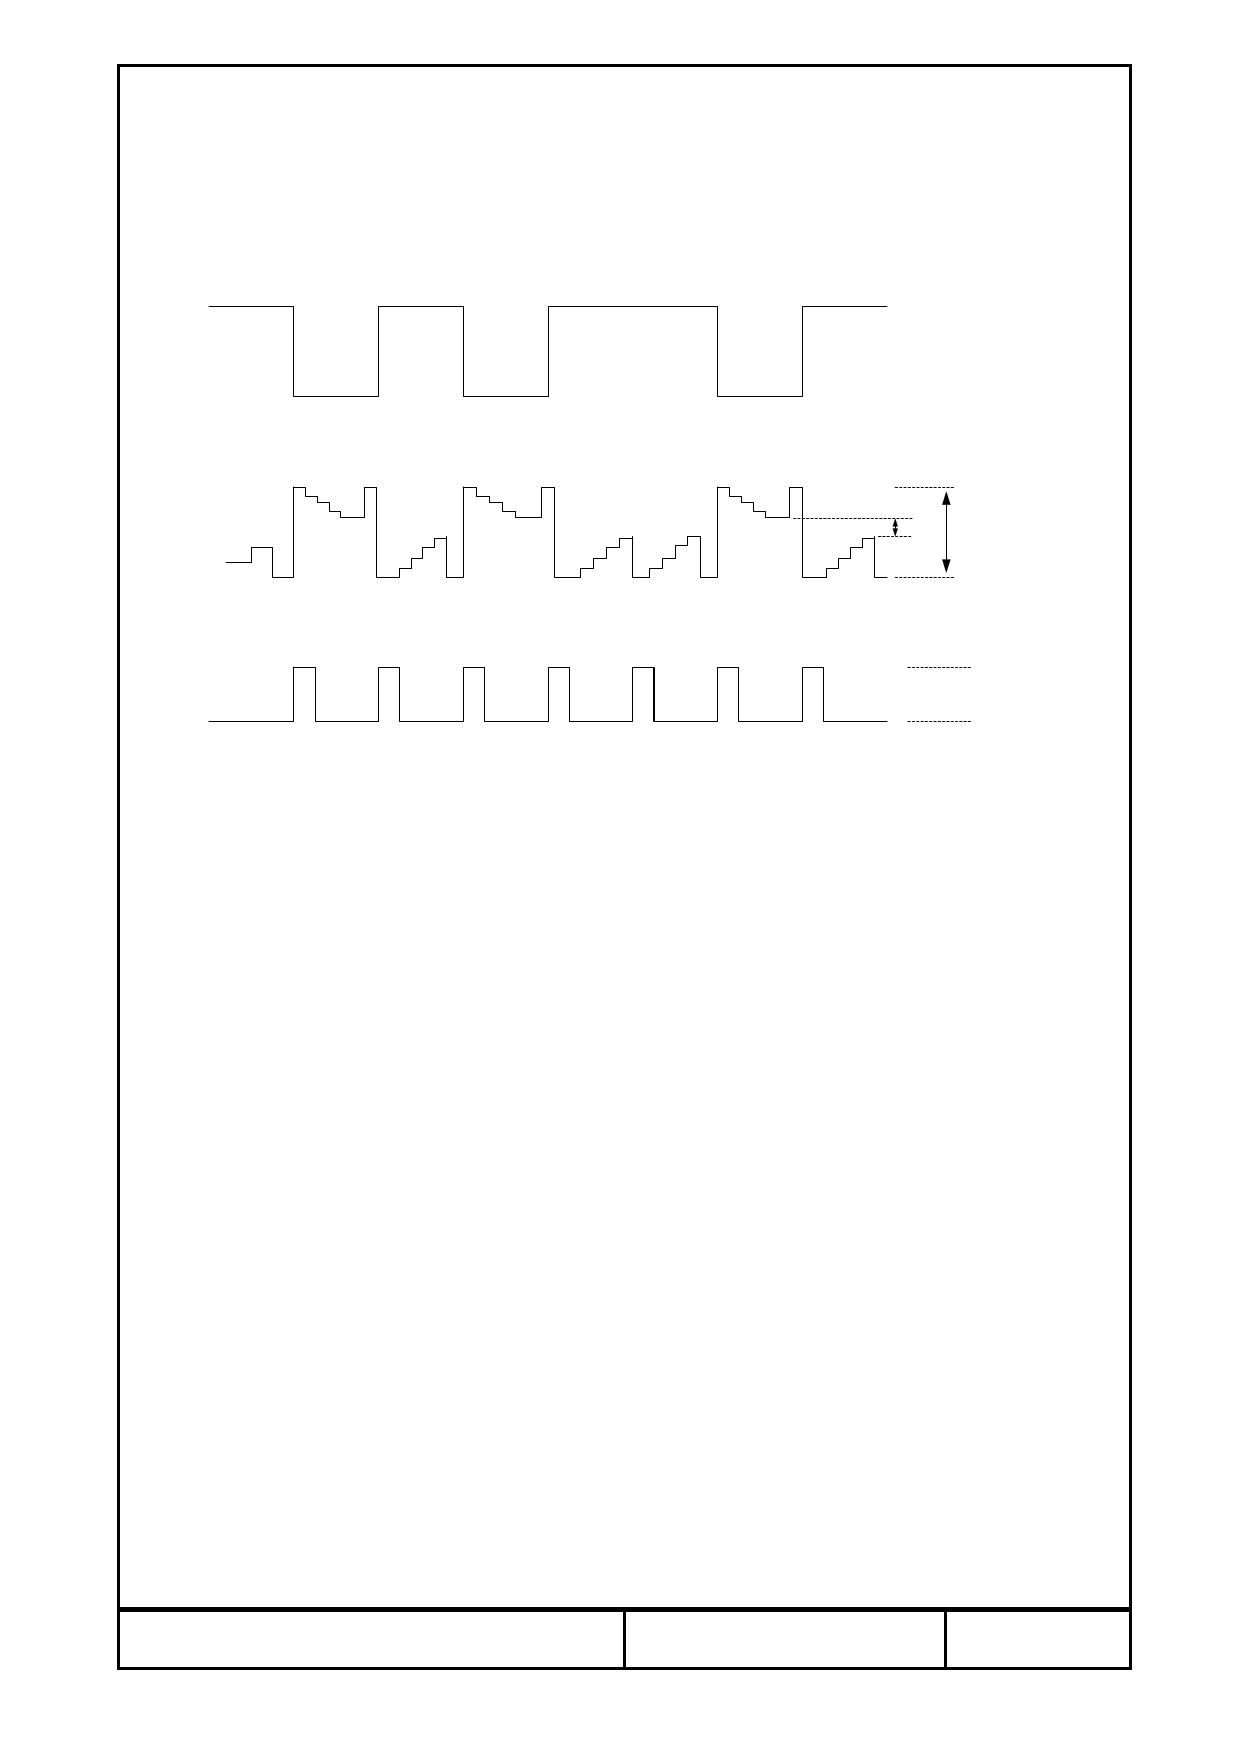 T-51381L064J_FW_P_AA arduino